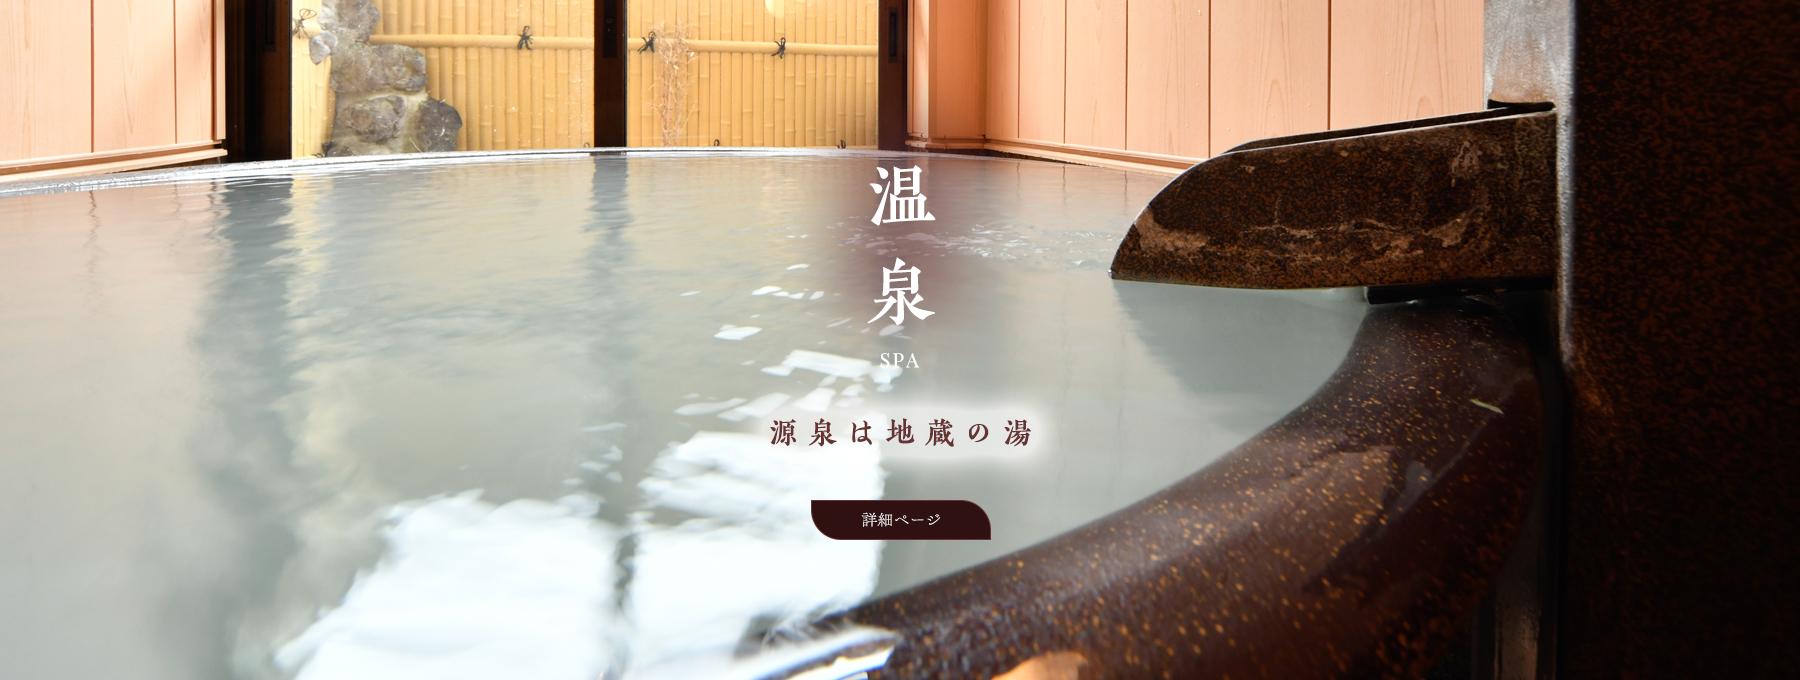 温泉 源泉は地蔵の湯